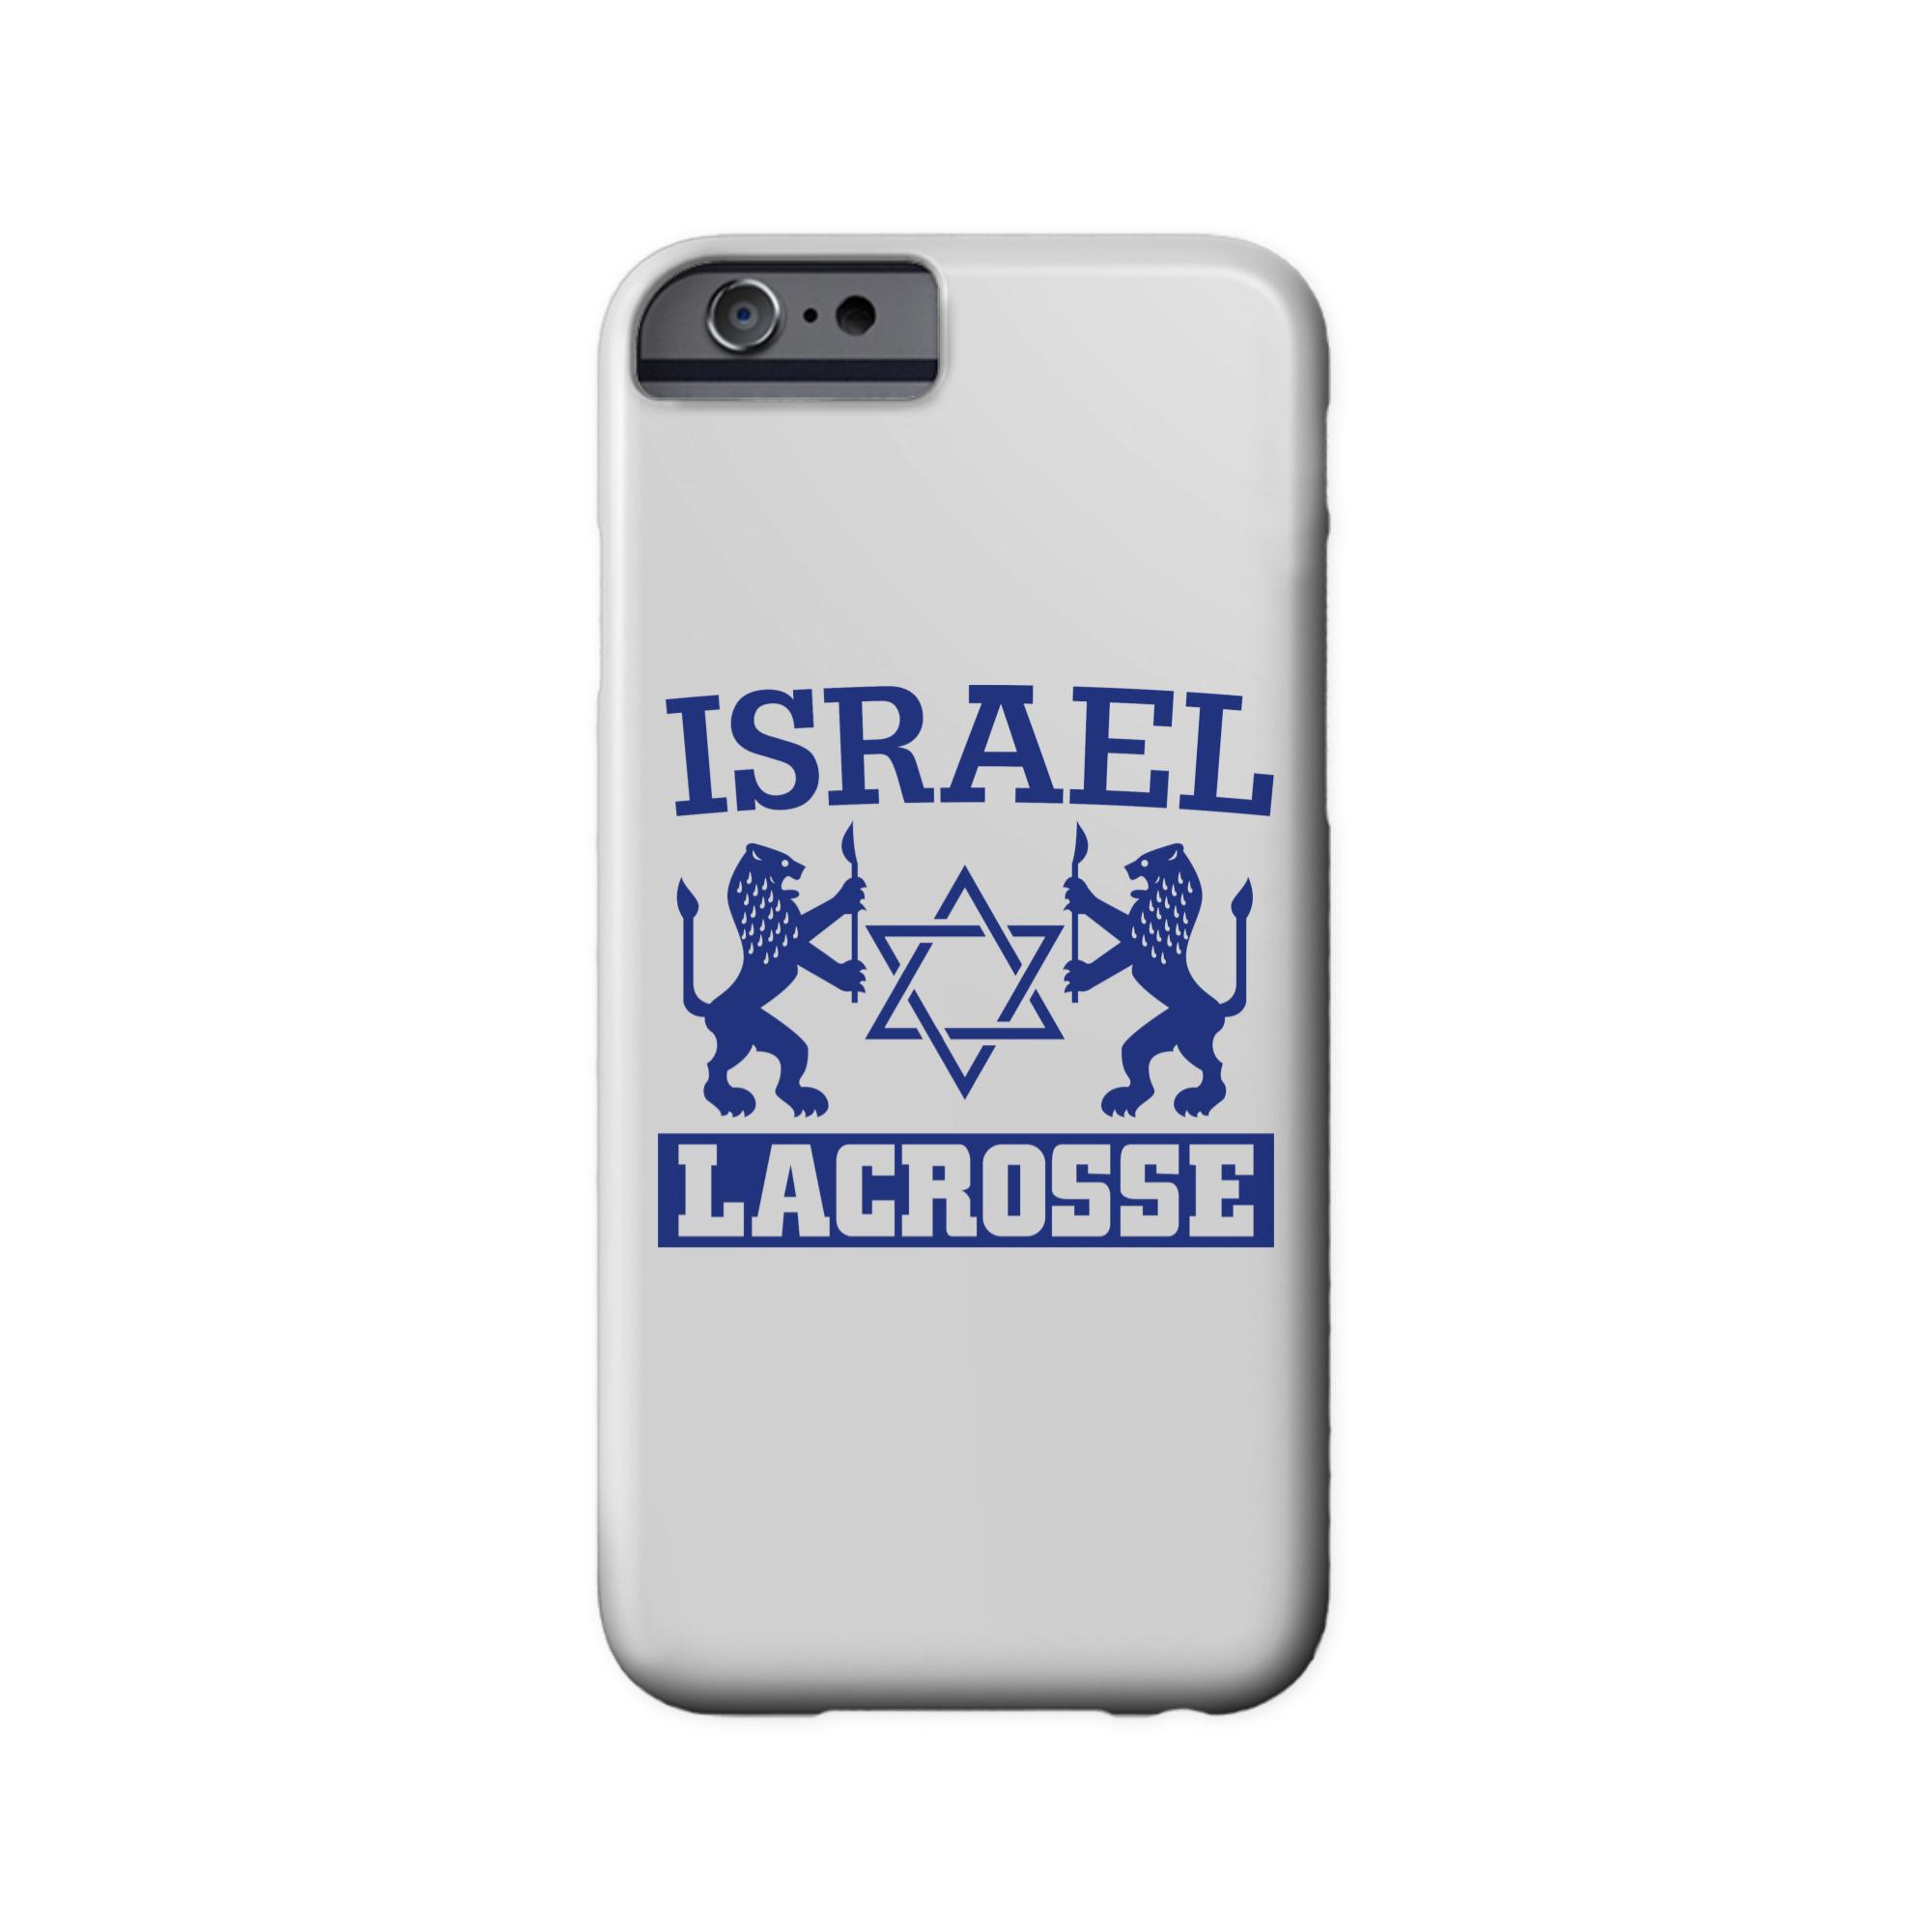 Israel Lacrosse Phone Case